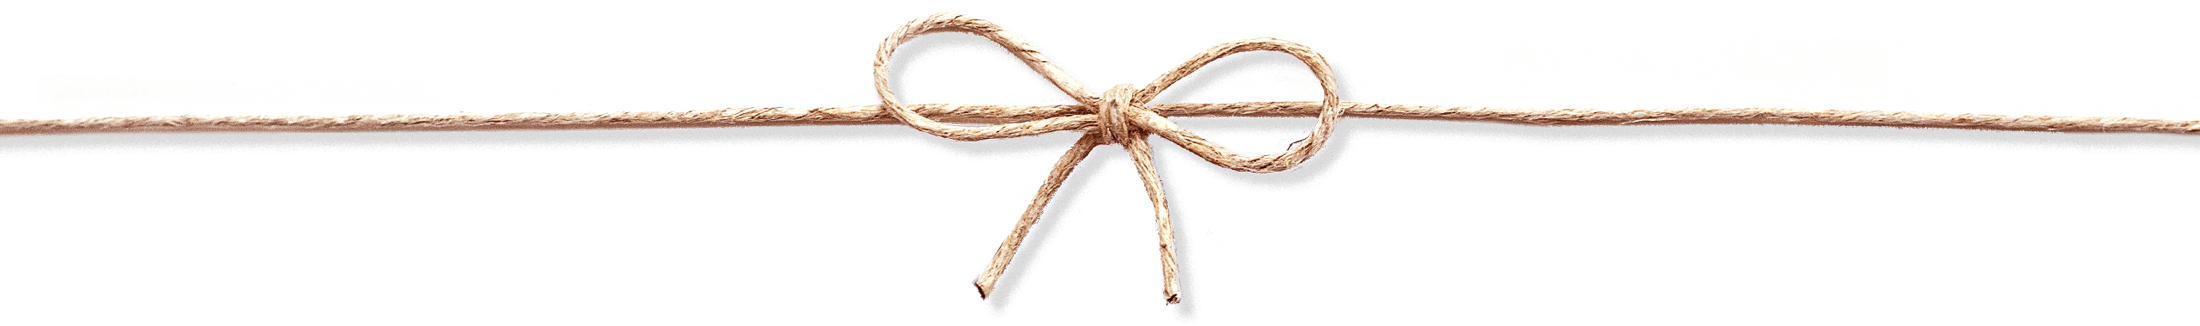 Exotrade Importer podłóg z drewna egzotycznego